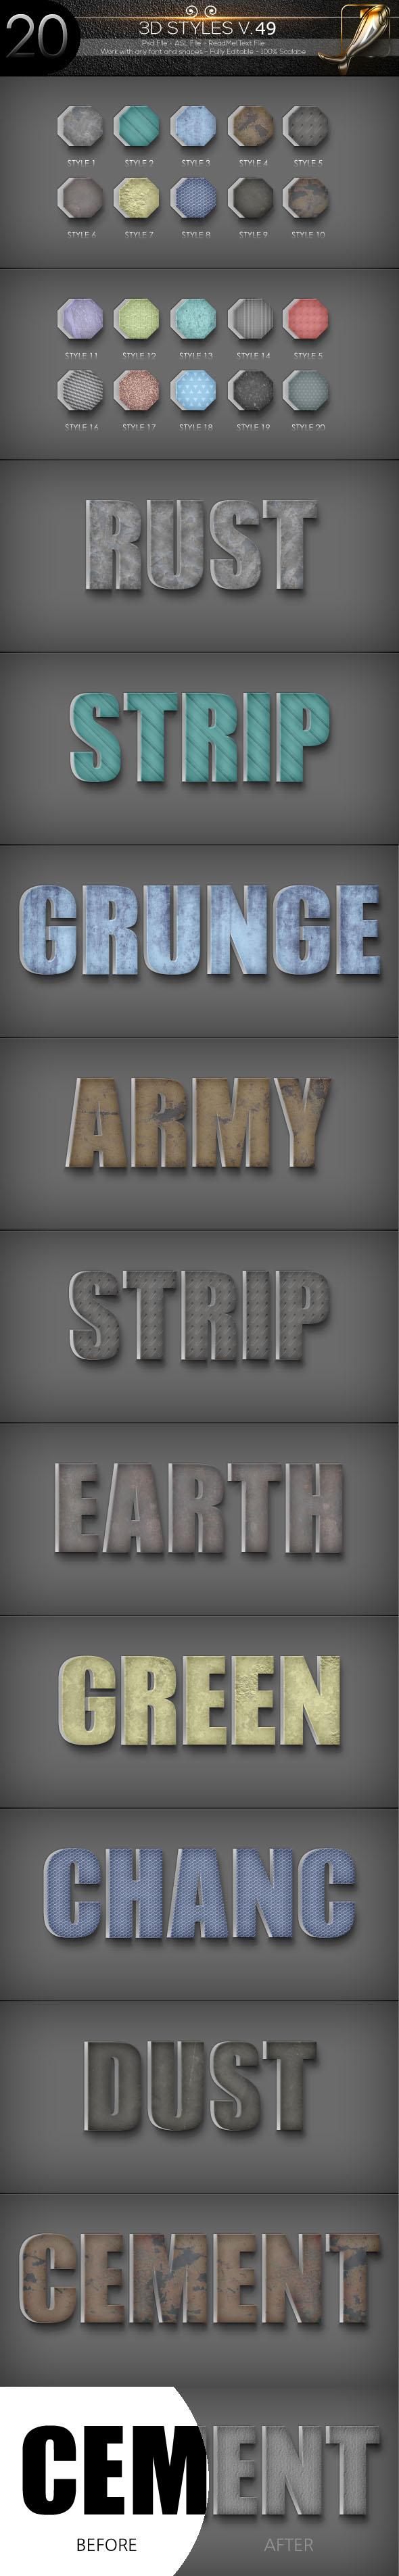 20 3D Text Styles D_50 - Styles Photoshop